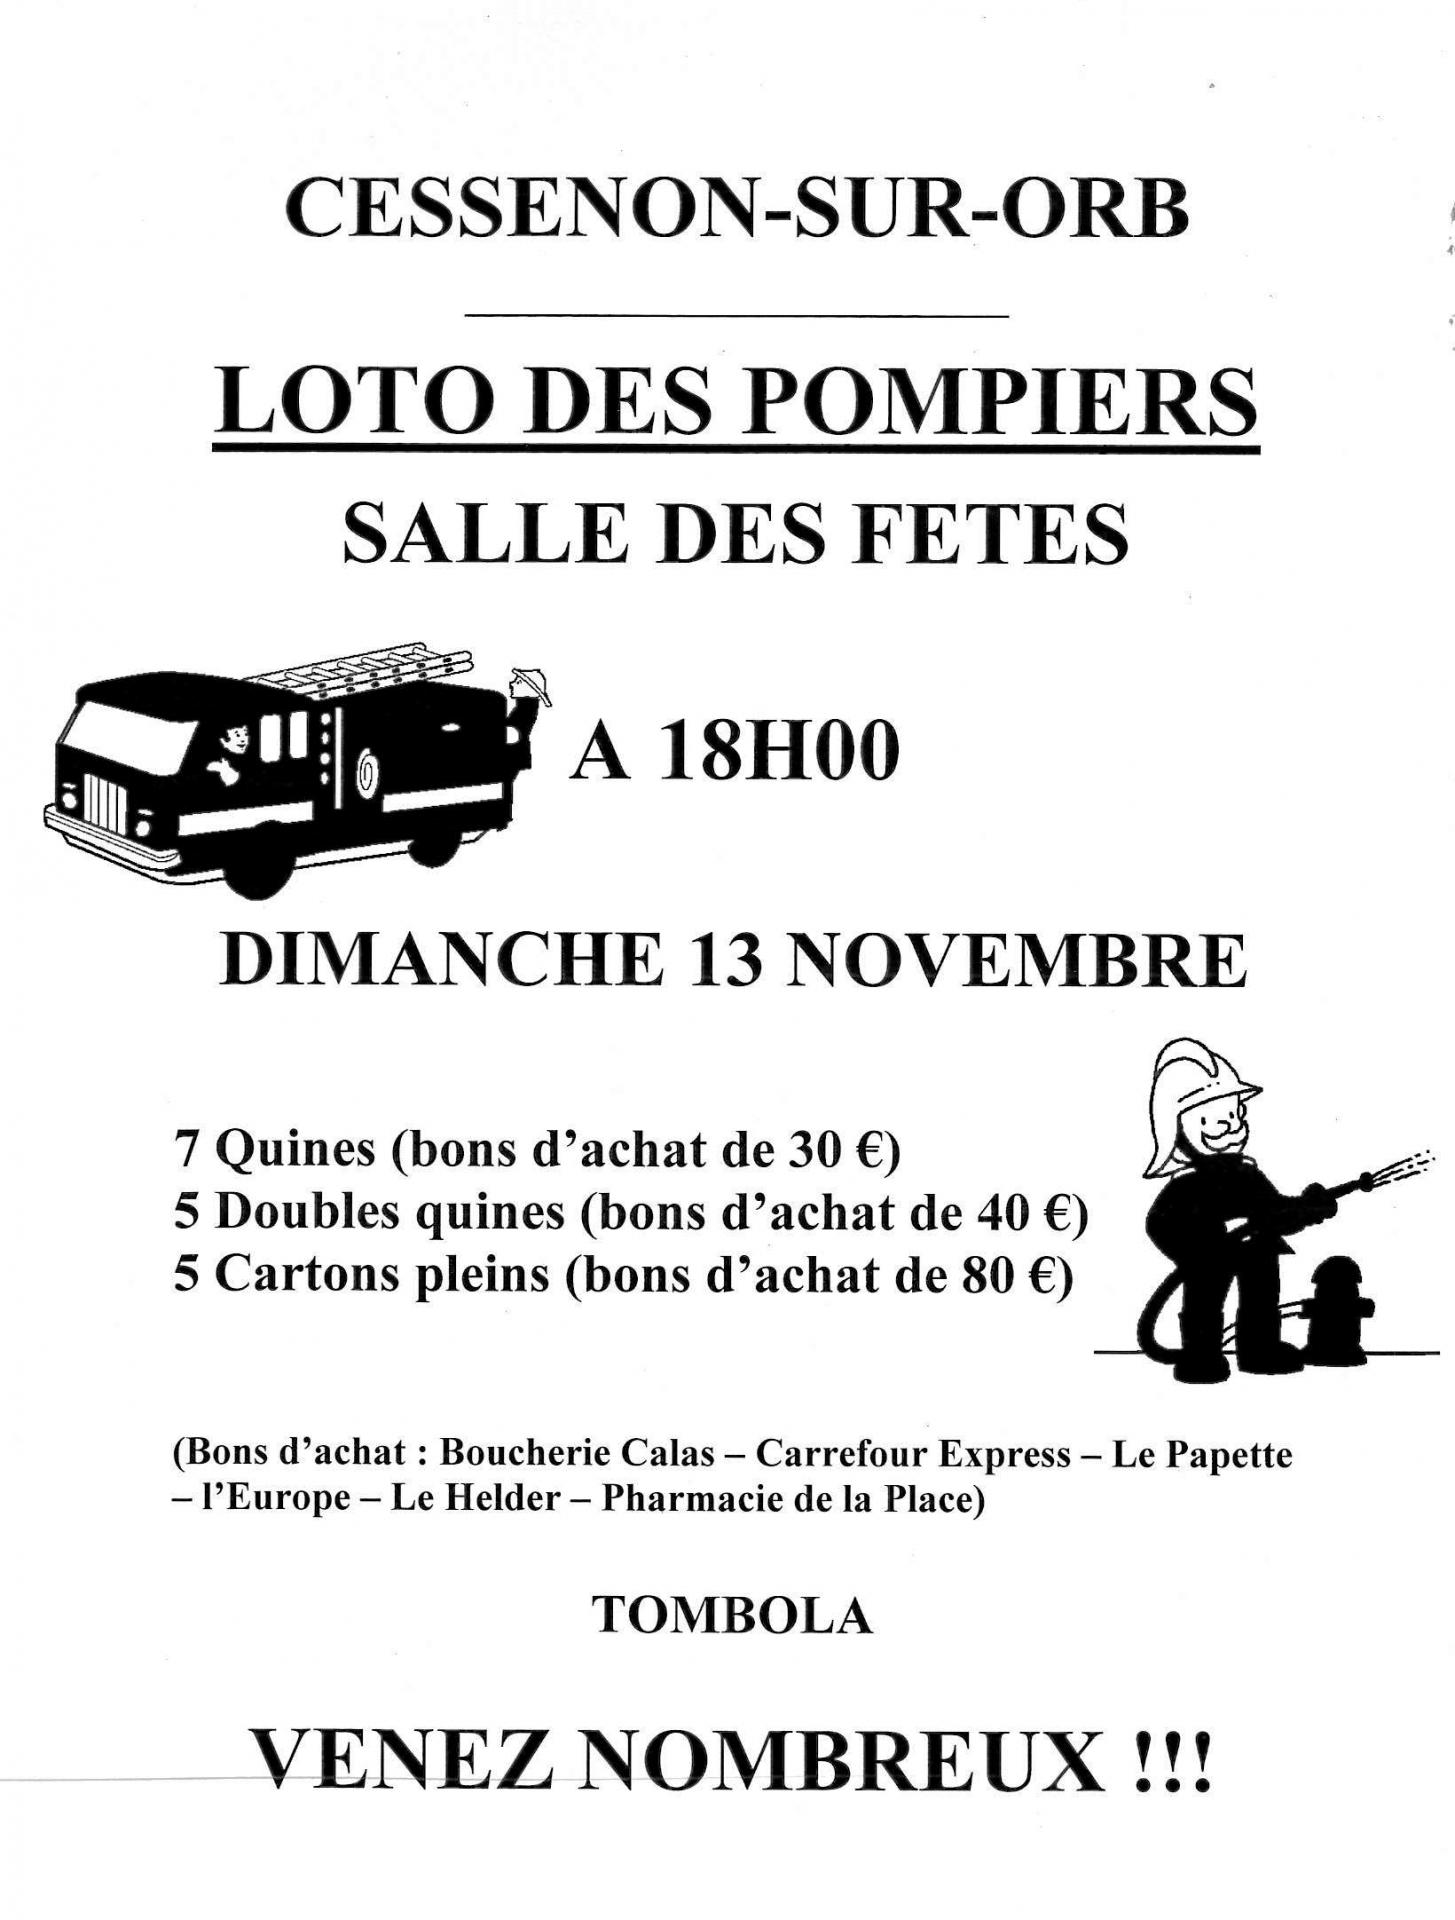 2016 11 13 loto des pompiers